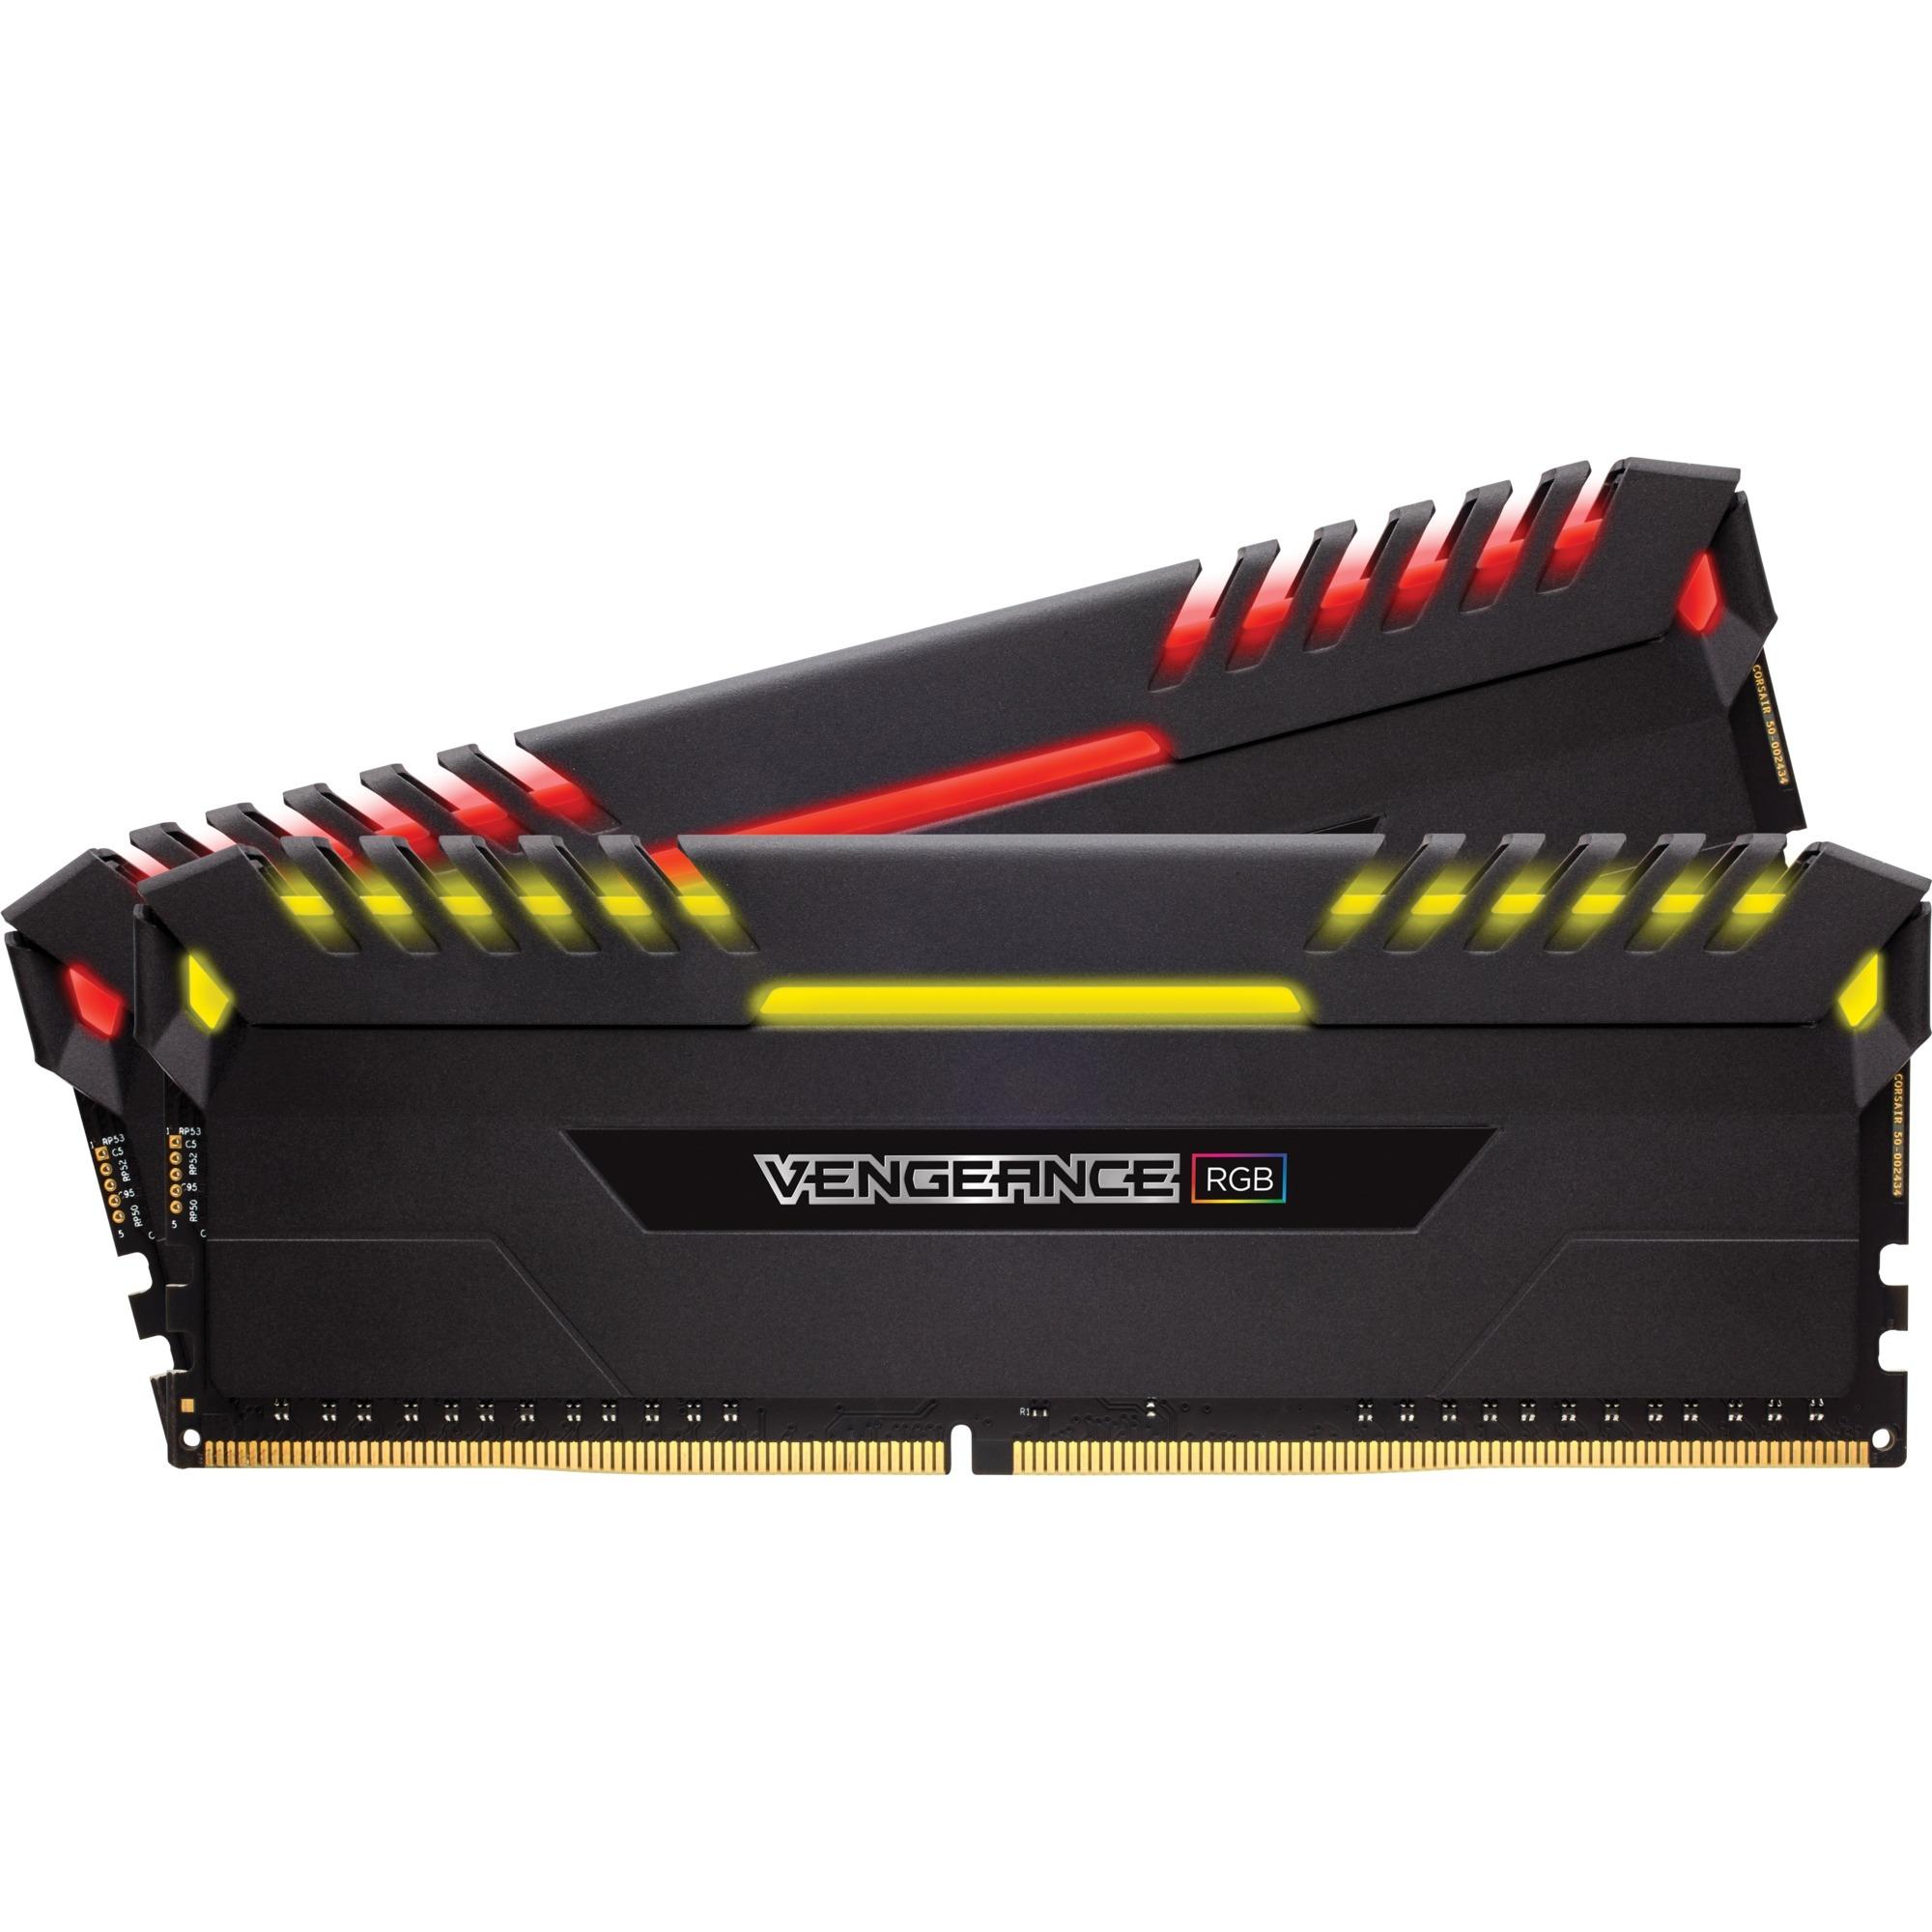 Vengeance CMR16GX4M2C3600C18 16Go DDR4 3600MHz module de mémoire